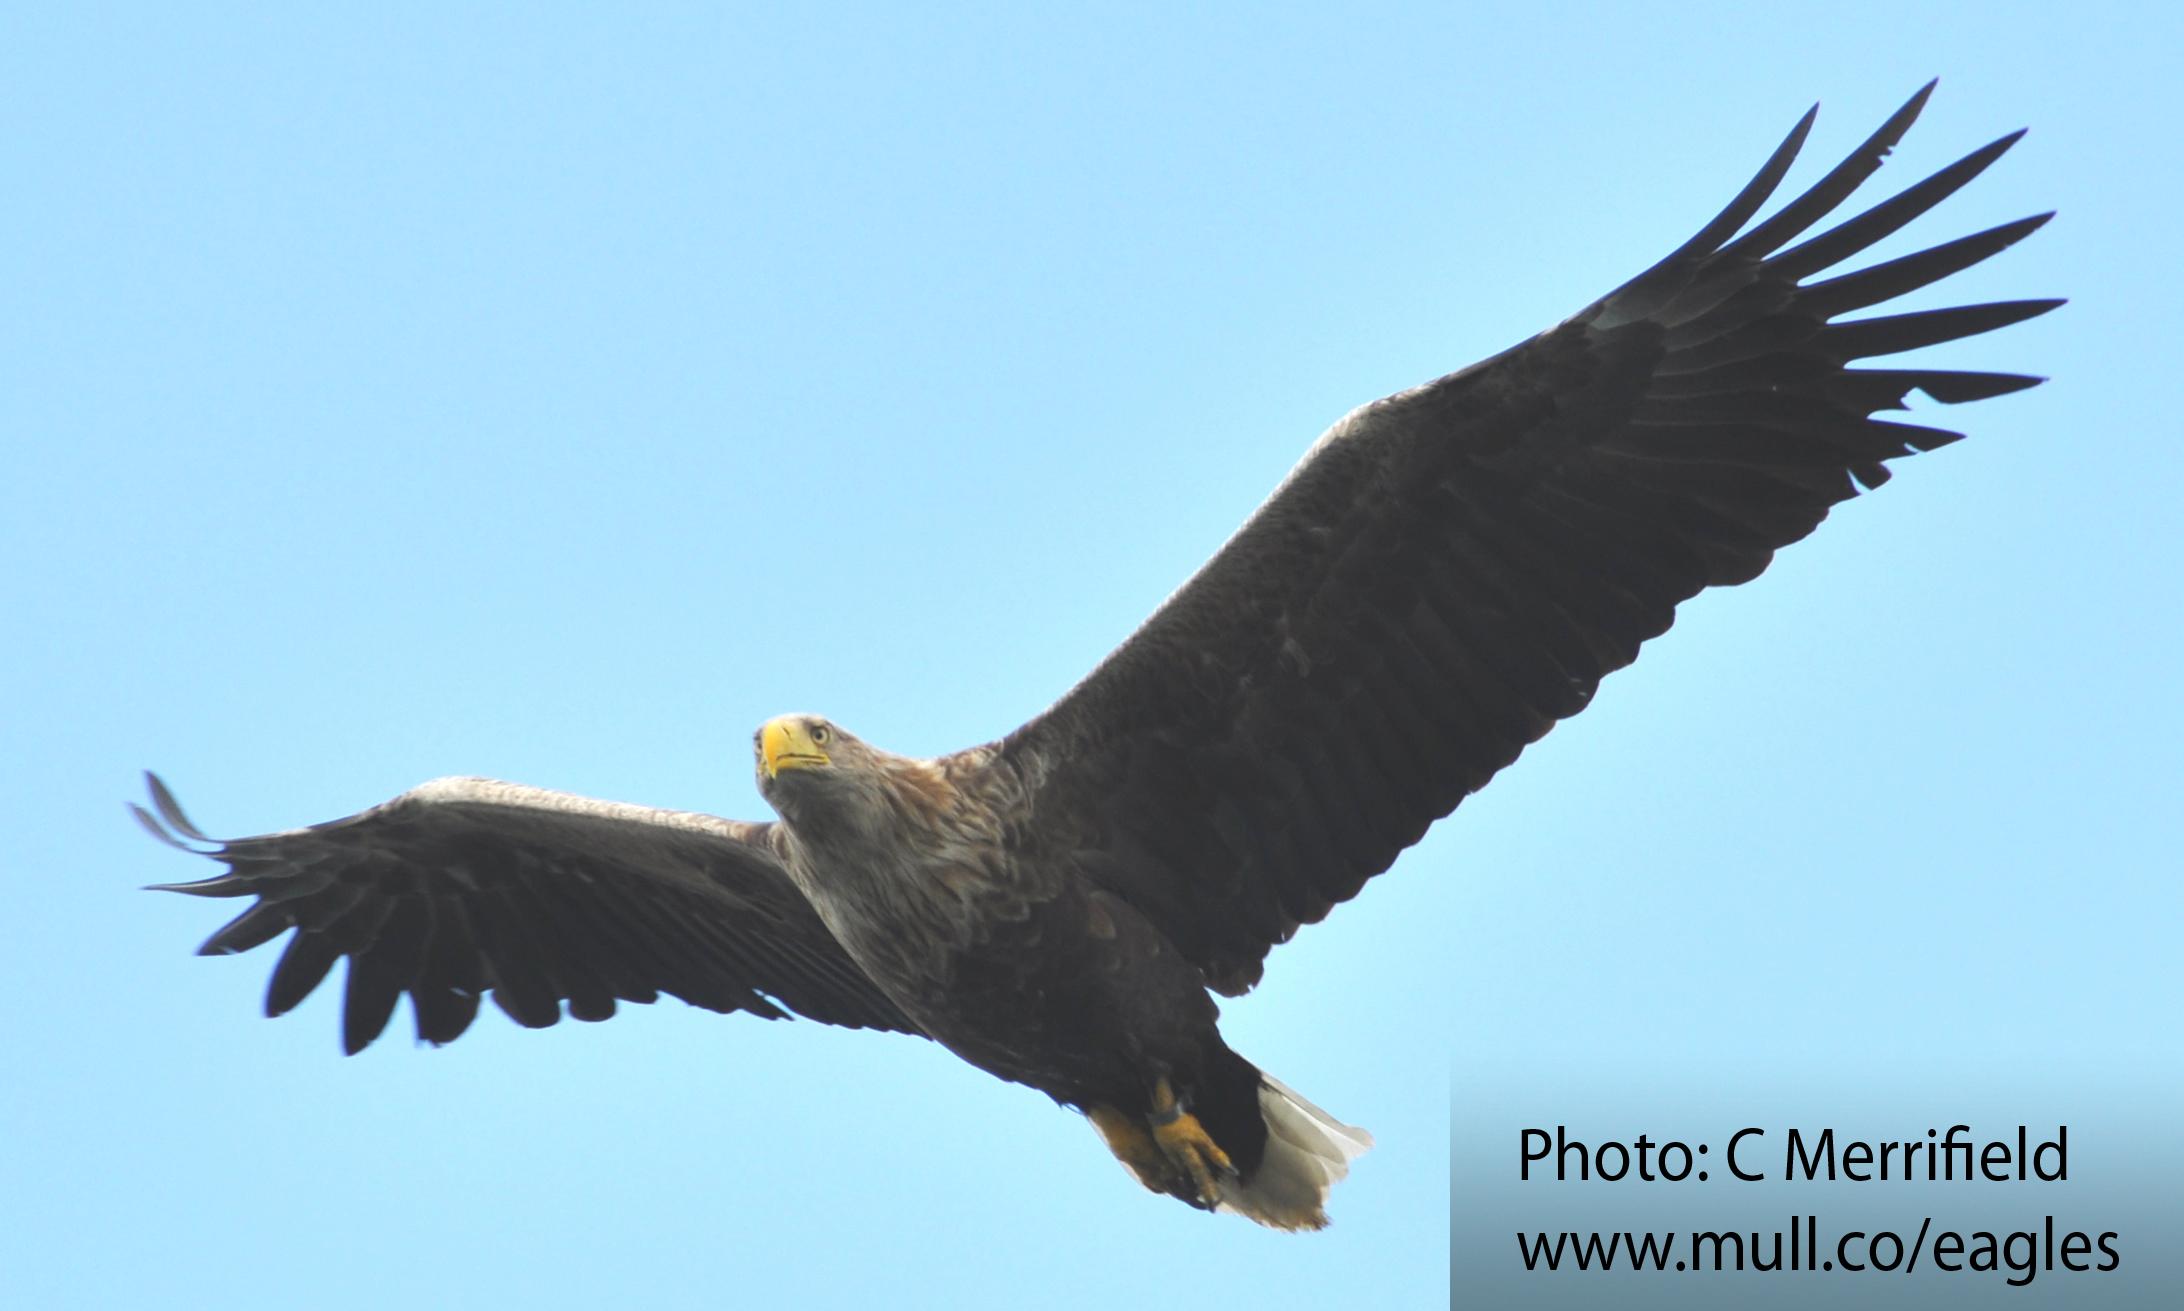 Mull sea eagle soaring